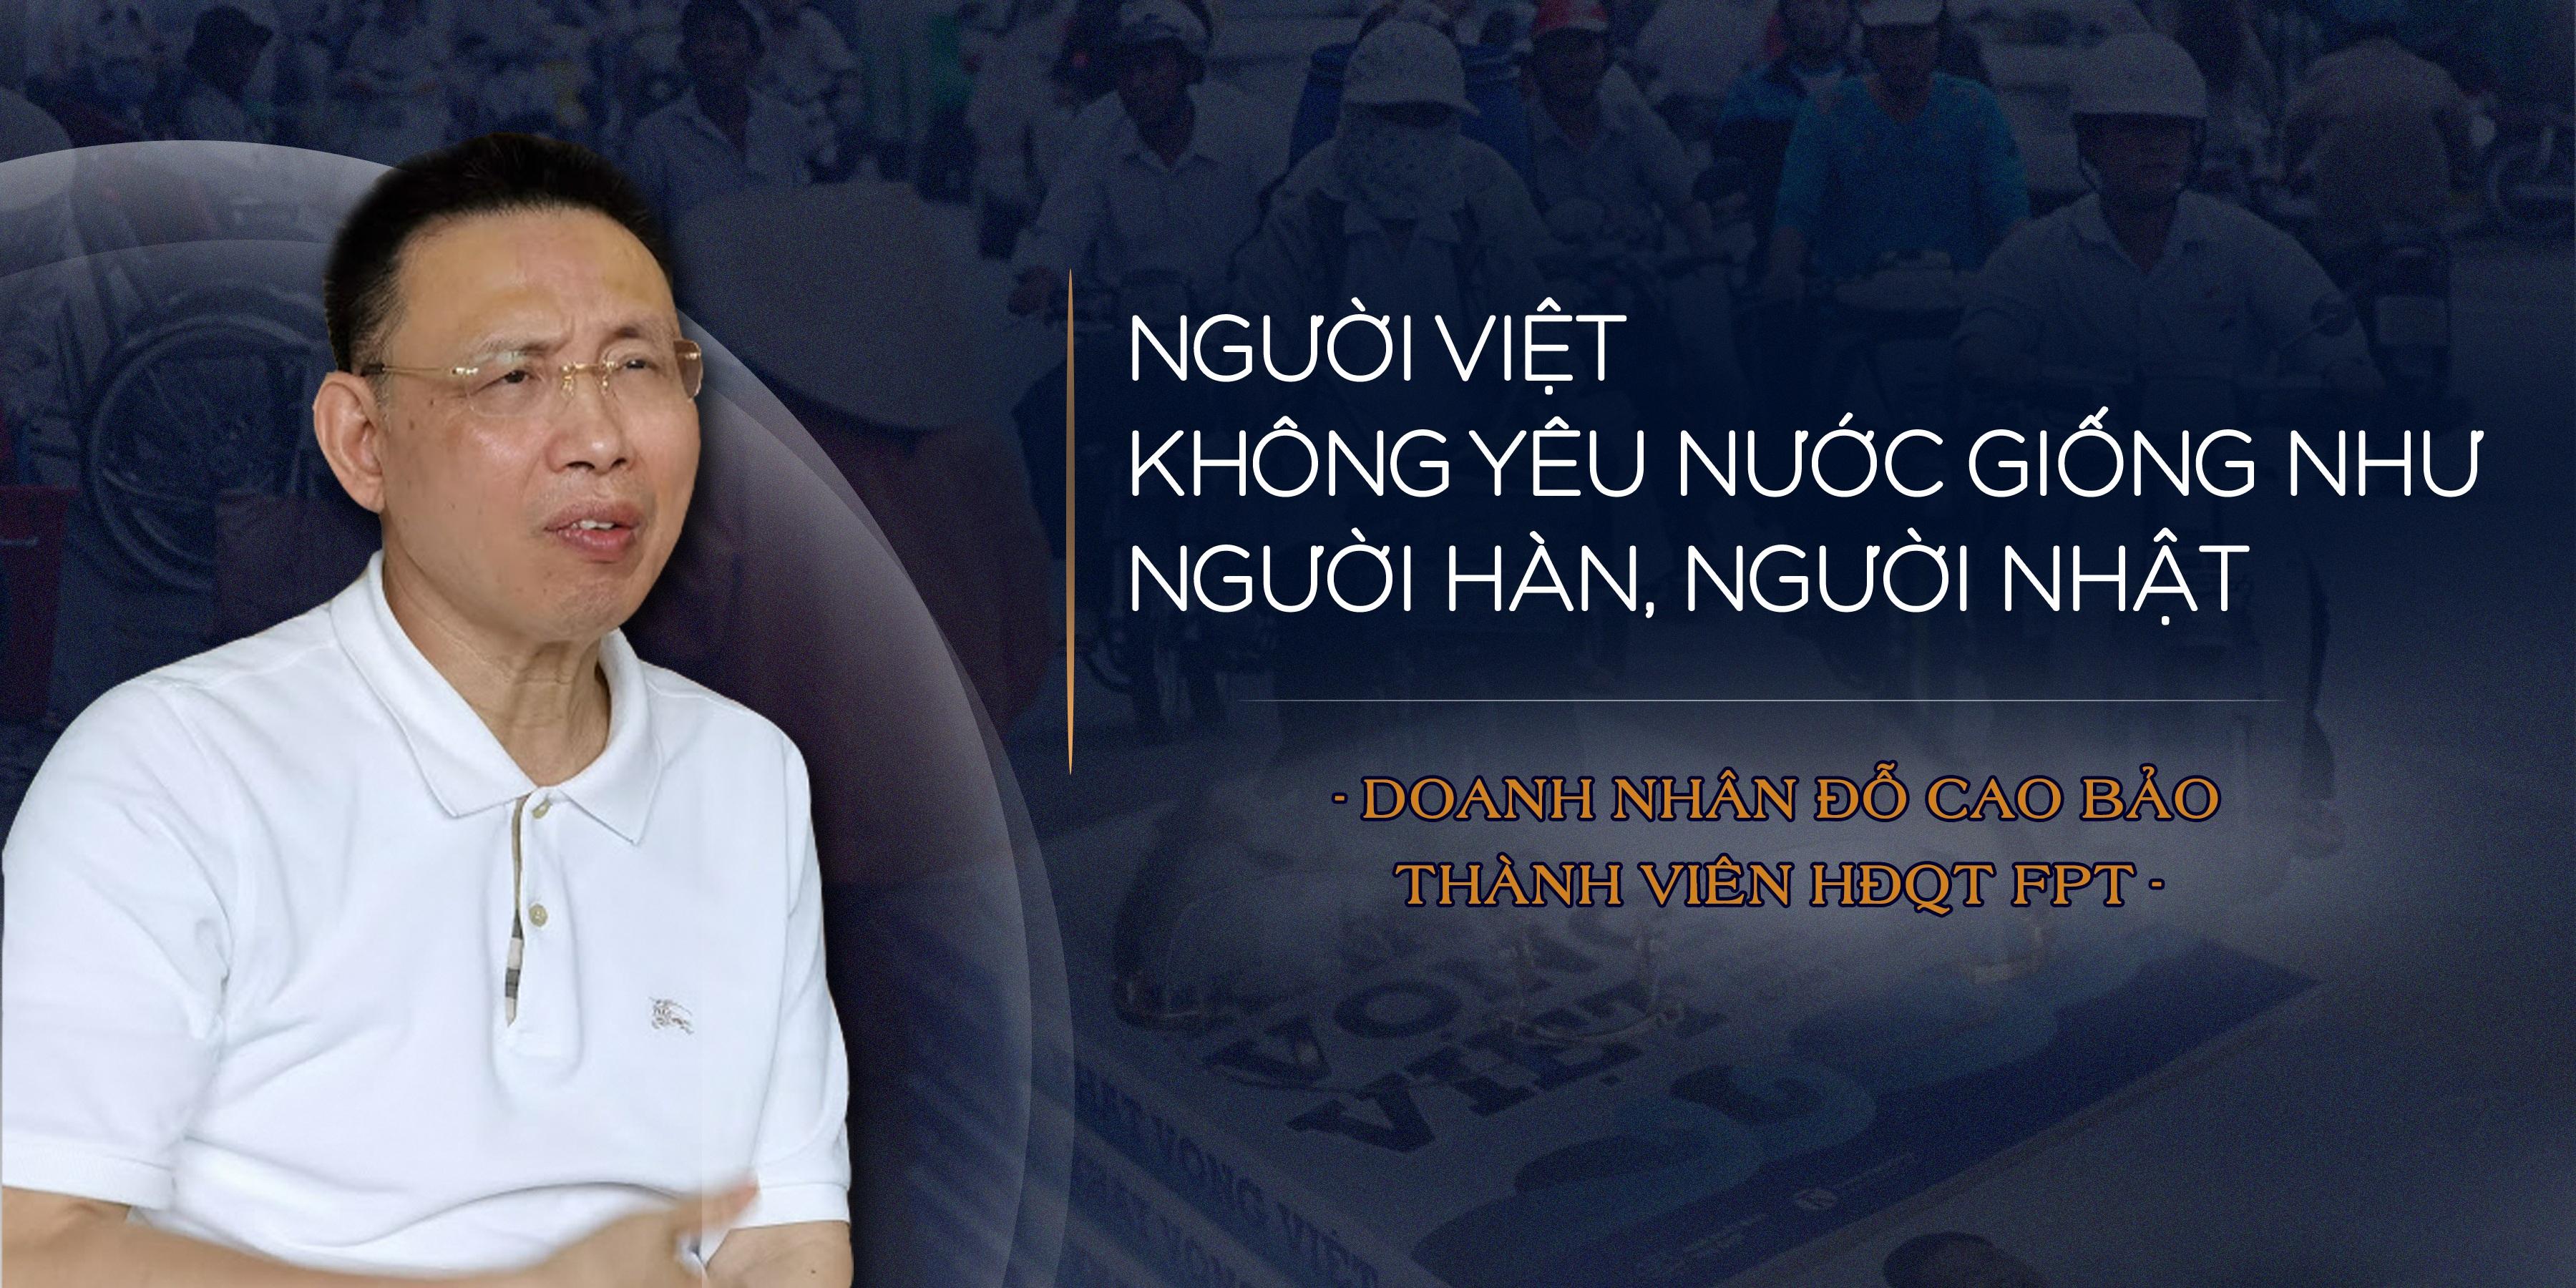 Doanh nhân Đỗ Cao Bảo: Người Việt không yêu nước giống như người Hàn, người Nhật